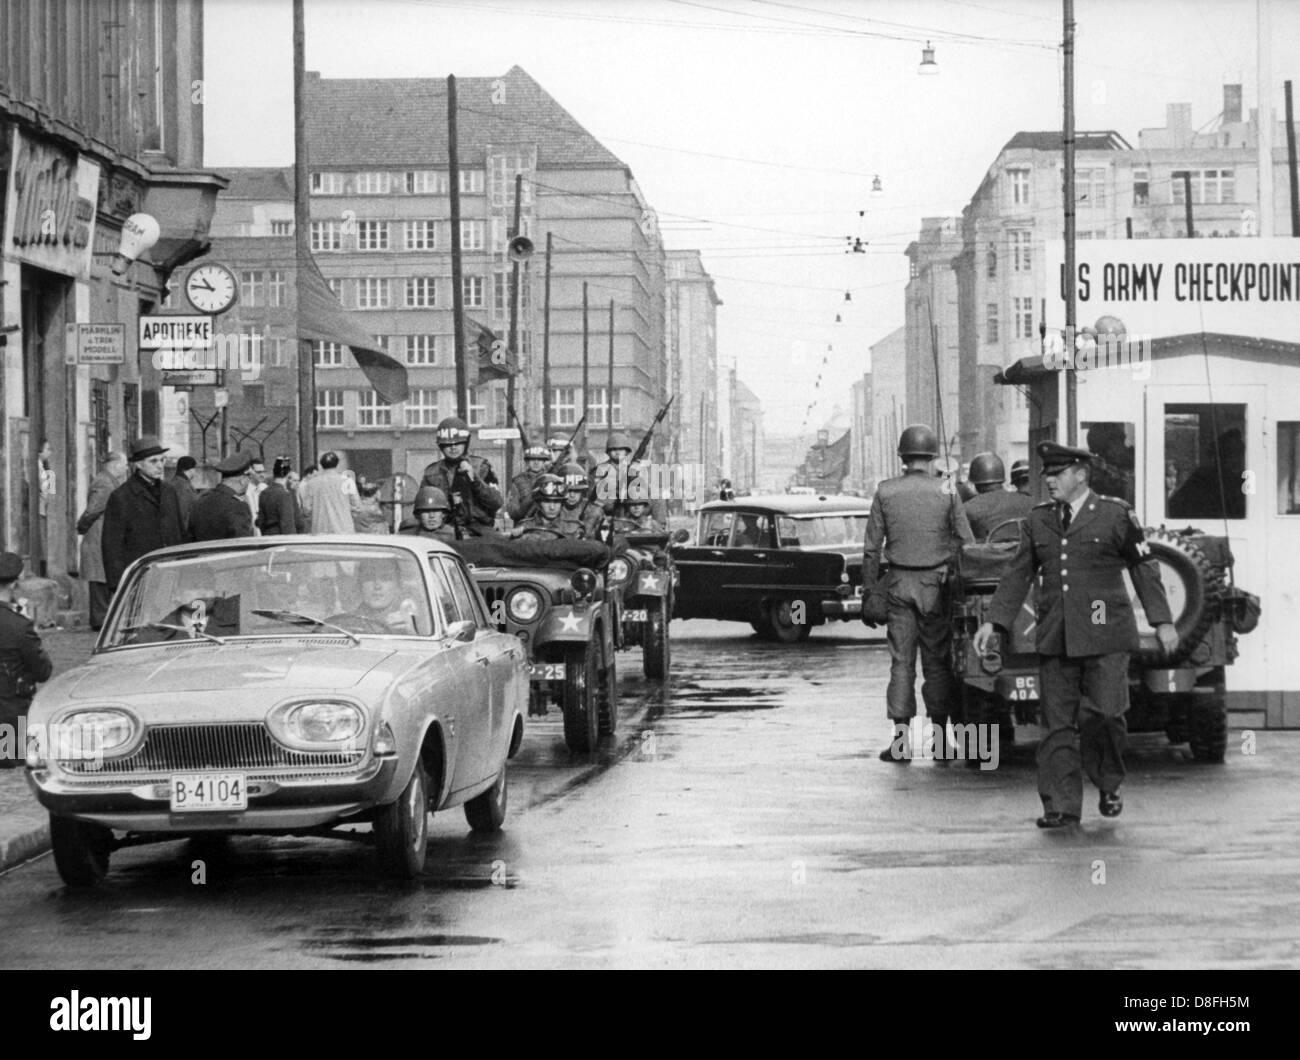 Una limusina con pases oficiales estadounidenses en el Checkpoint Charlie del este al oeste de Berlín, Alemania, Imagen De Stock